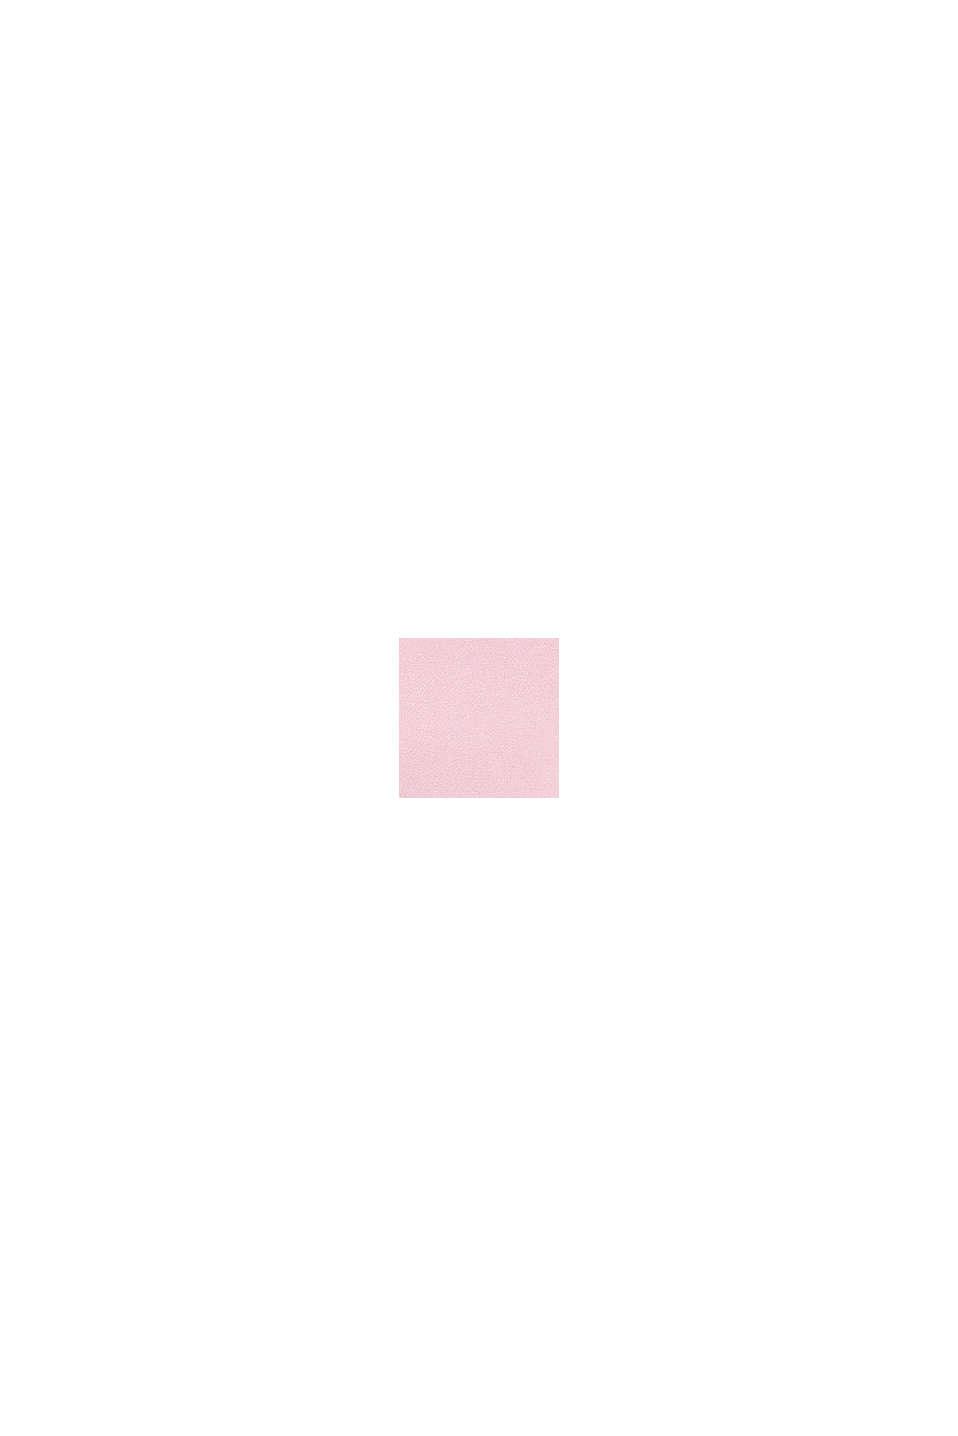 Jersey-Spannbettlaken mit Baumwolle, ROSE, swatch